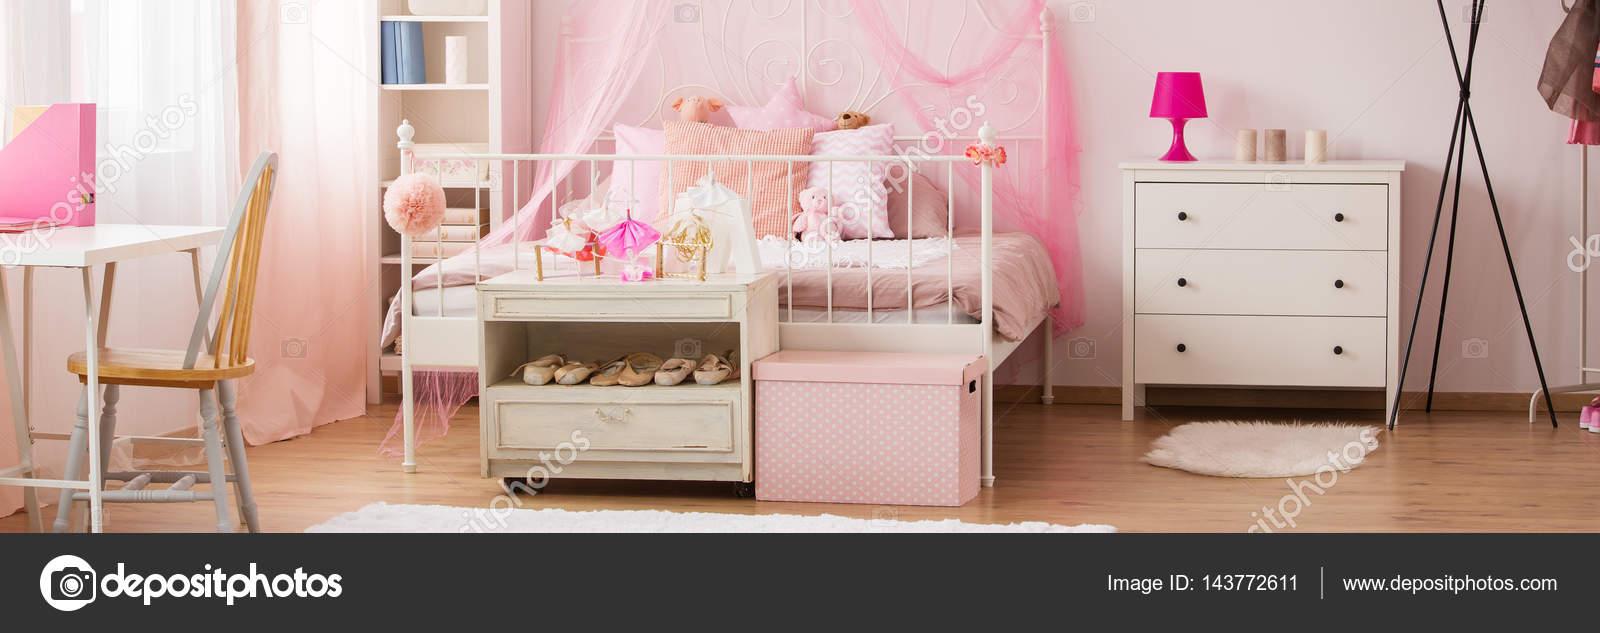 Des Mädchens verträumte Schlafzimmer Dekor — Stockfoto ...